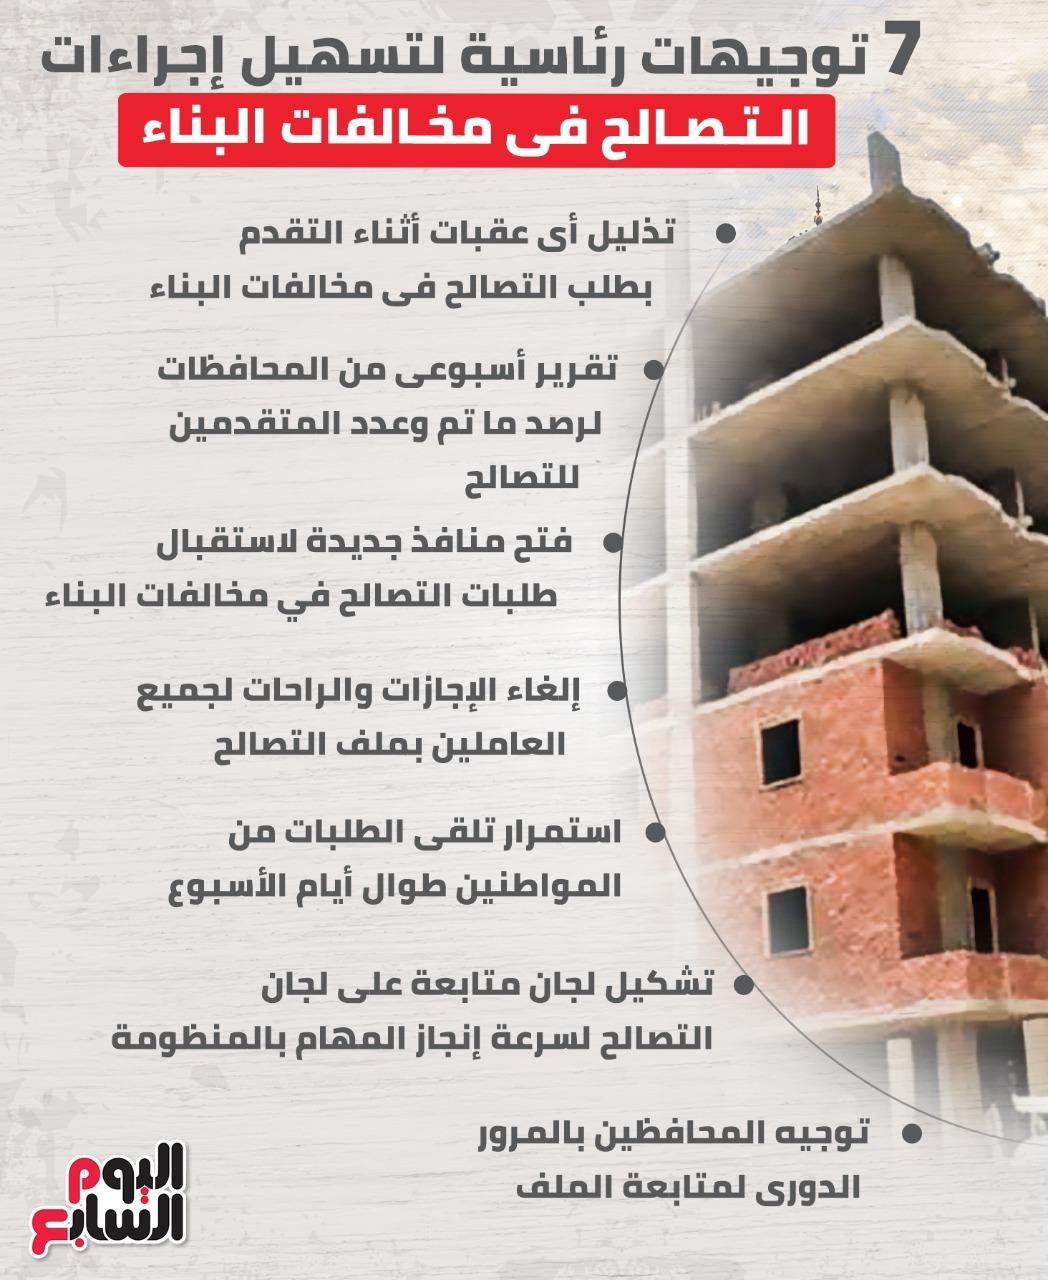 انفوجراف.. توجيهات الحكومة للمحافظين للتسهيل على الراغبين فى التصالح على مخالفات البناء